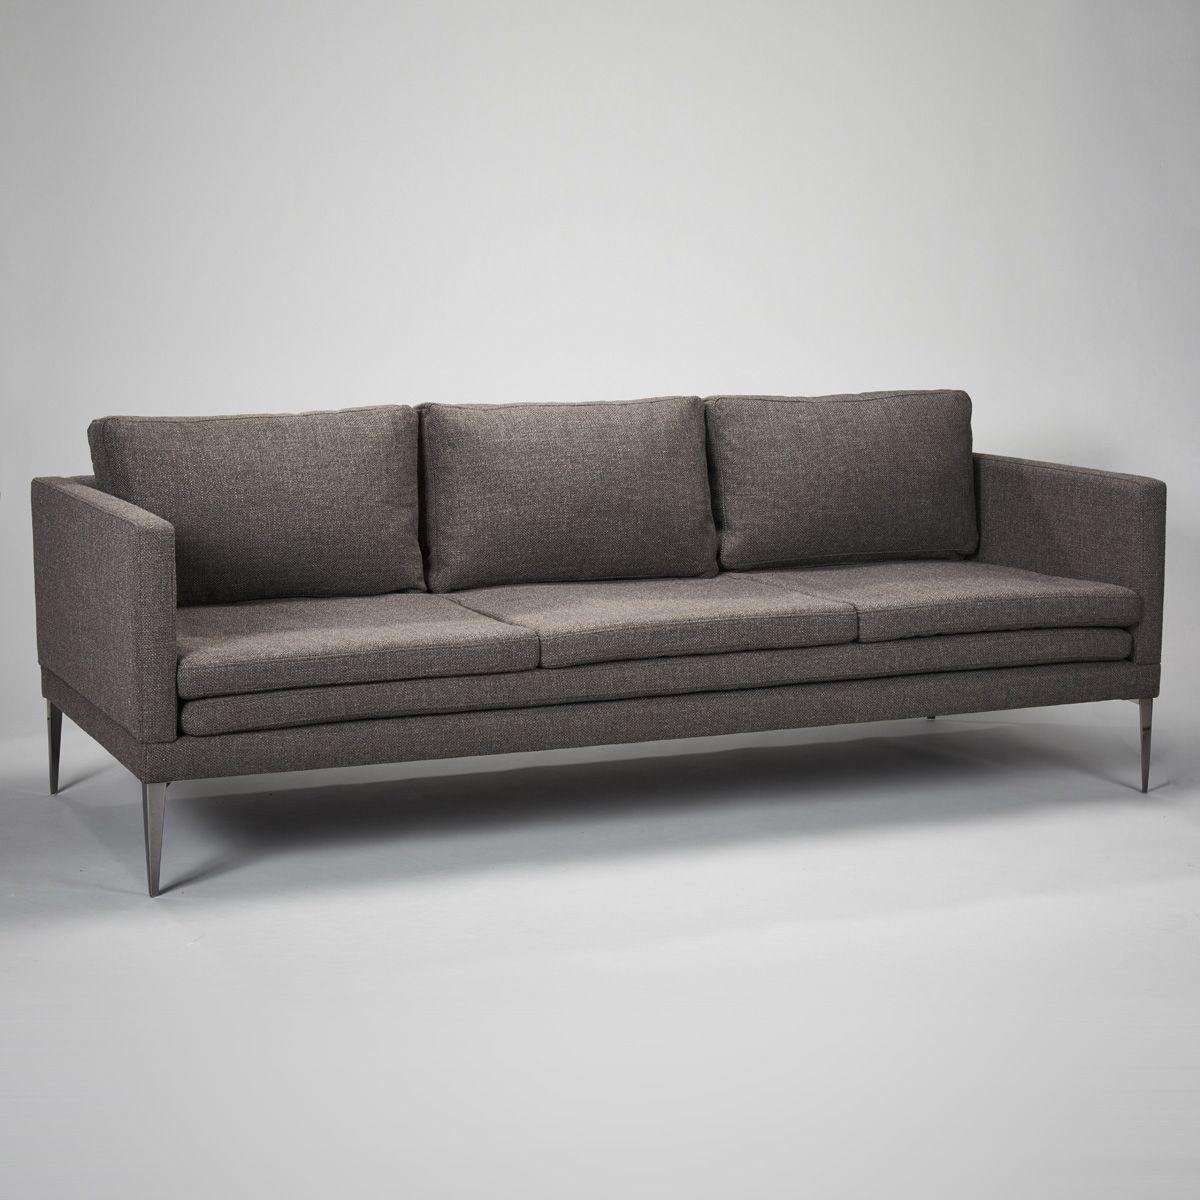 Stock Hoxton Sofa In Bermuda Dark Grey | Robert.langford (Image 19 of 25)